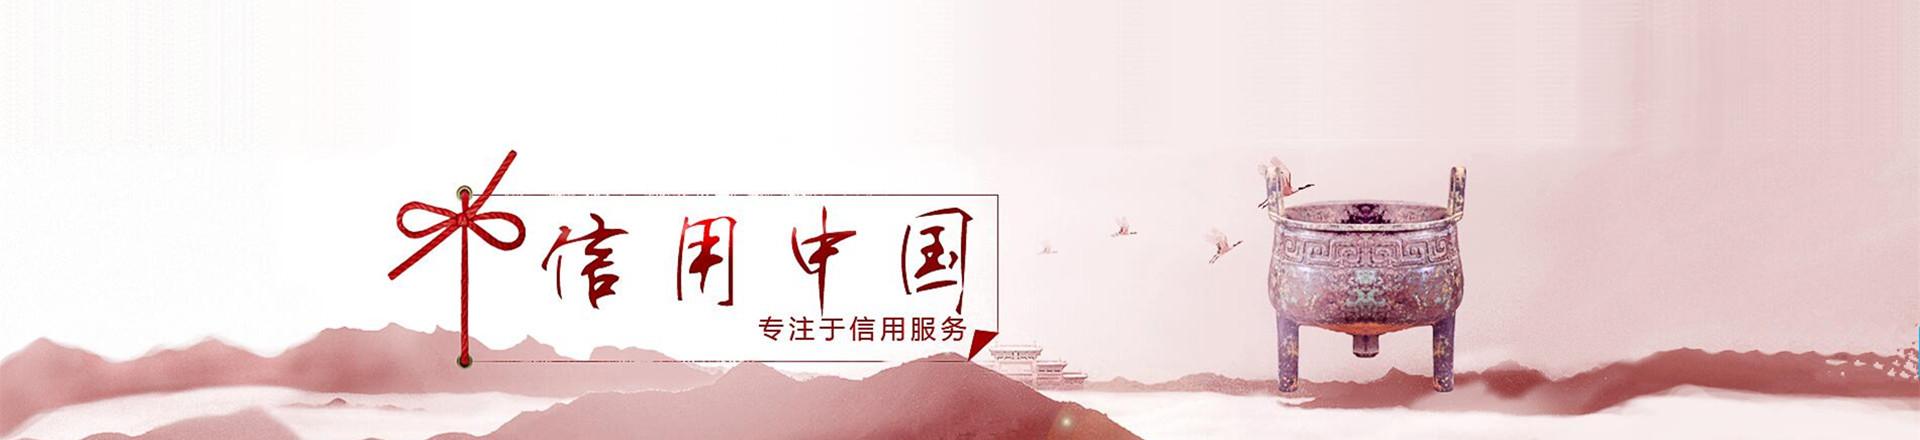 咸陽土地增值稅清算鑒證